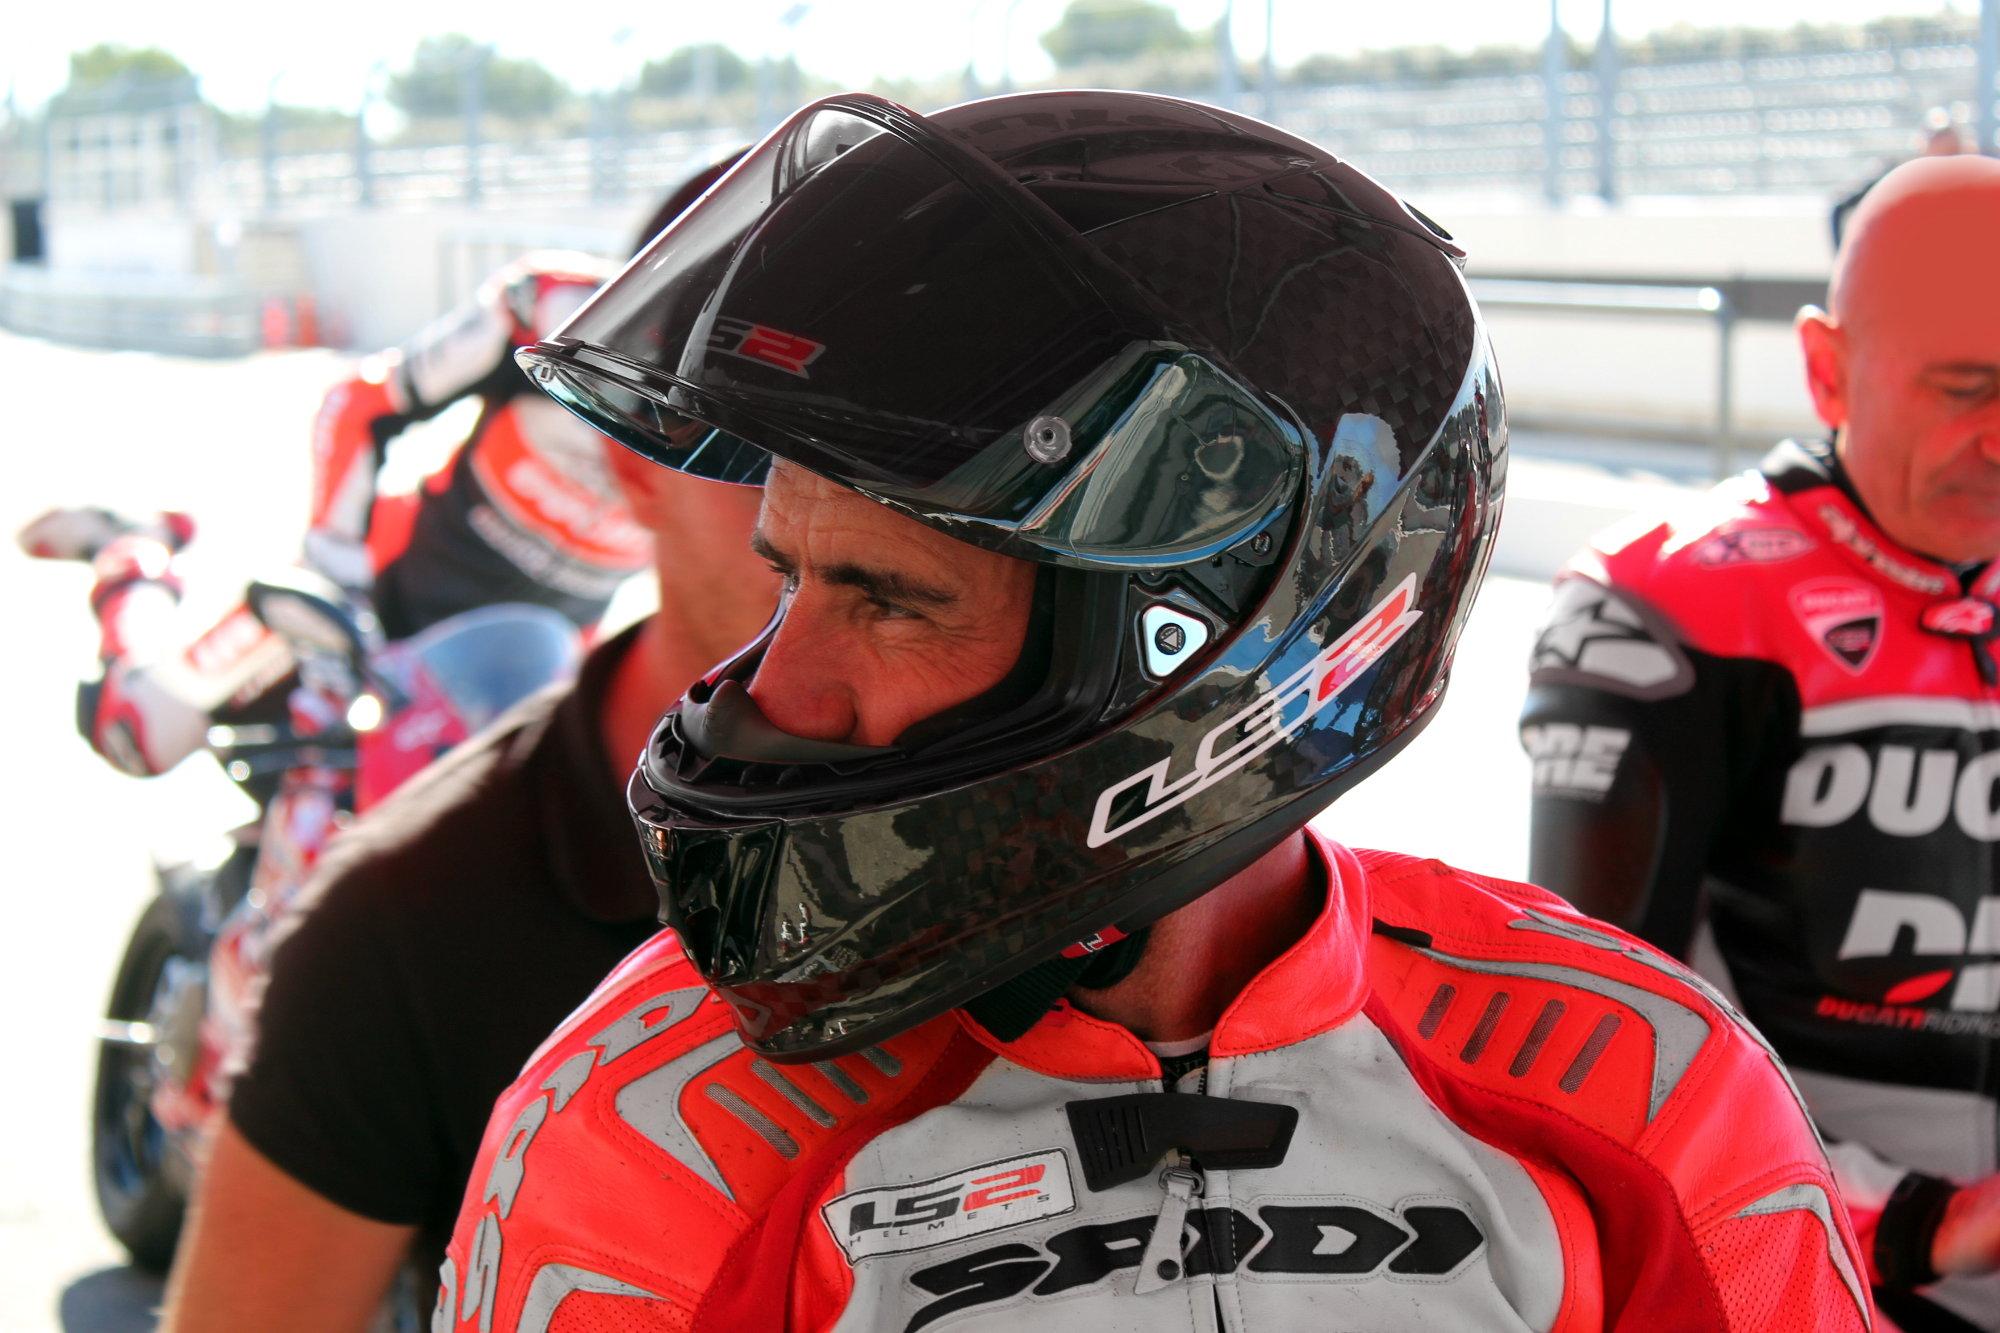 Jean-Marc Manuguerra, ex pilote de course et représentant de la marque LS2 en France, proposait aussi ses services dans le cadre des baptêmes